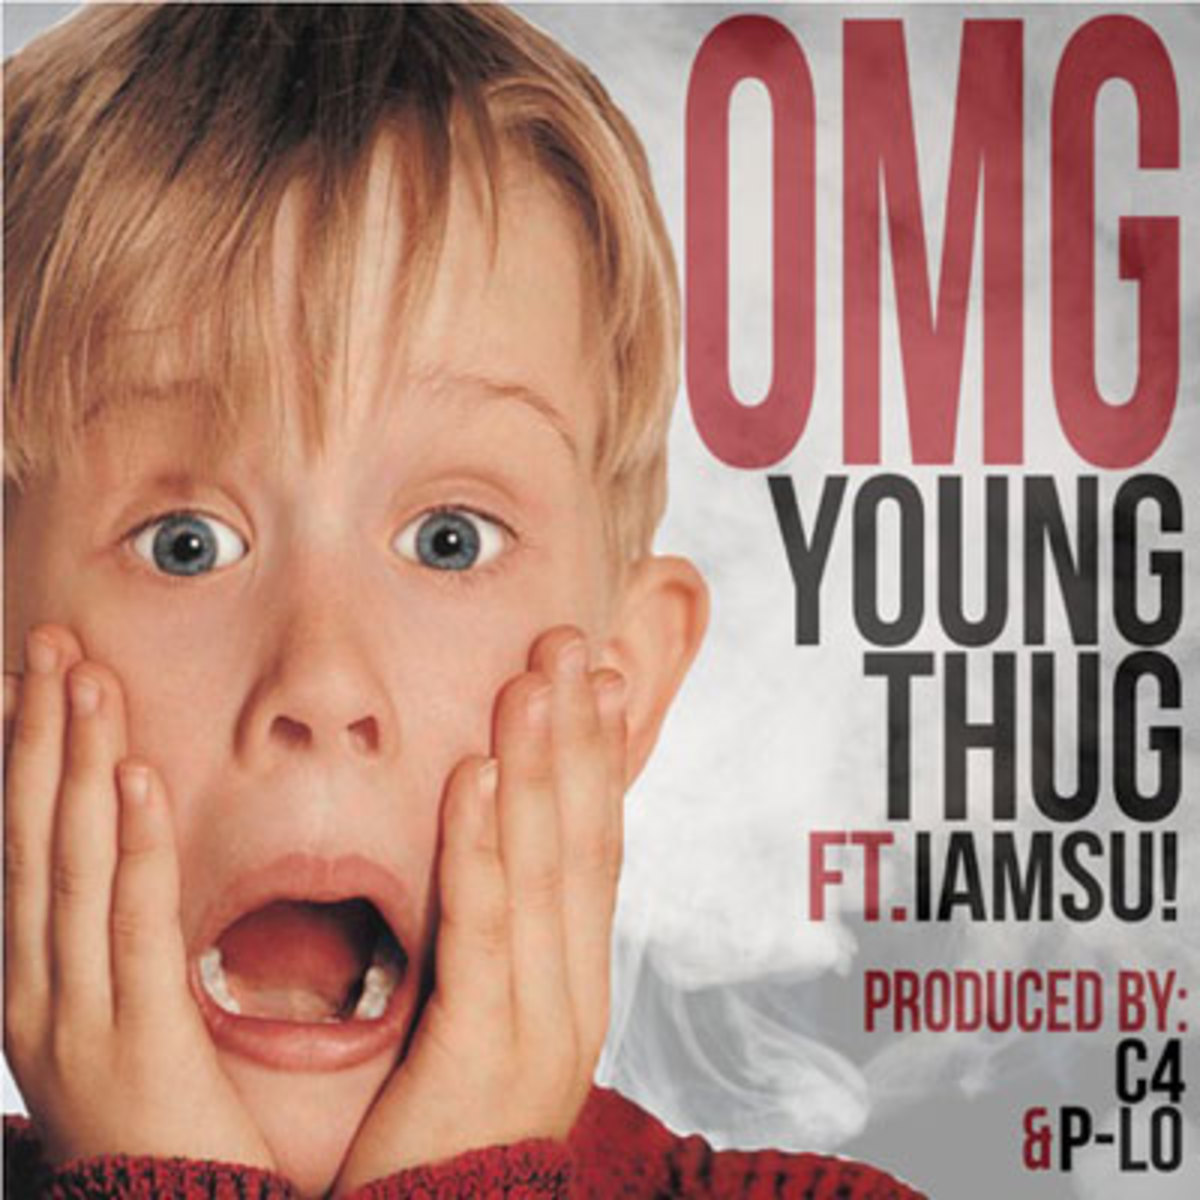 youngthug-omg.jpg